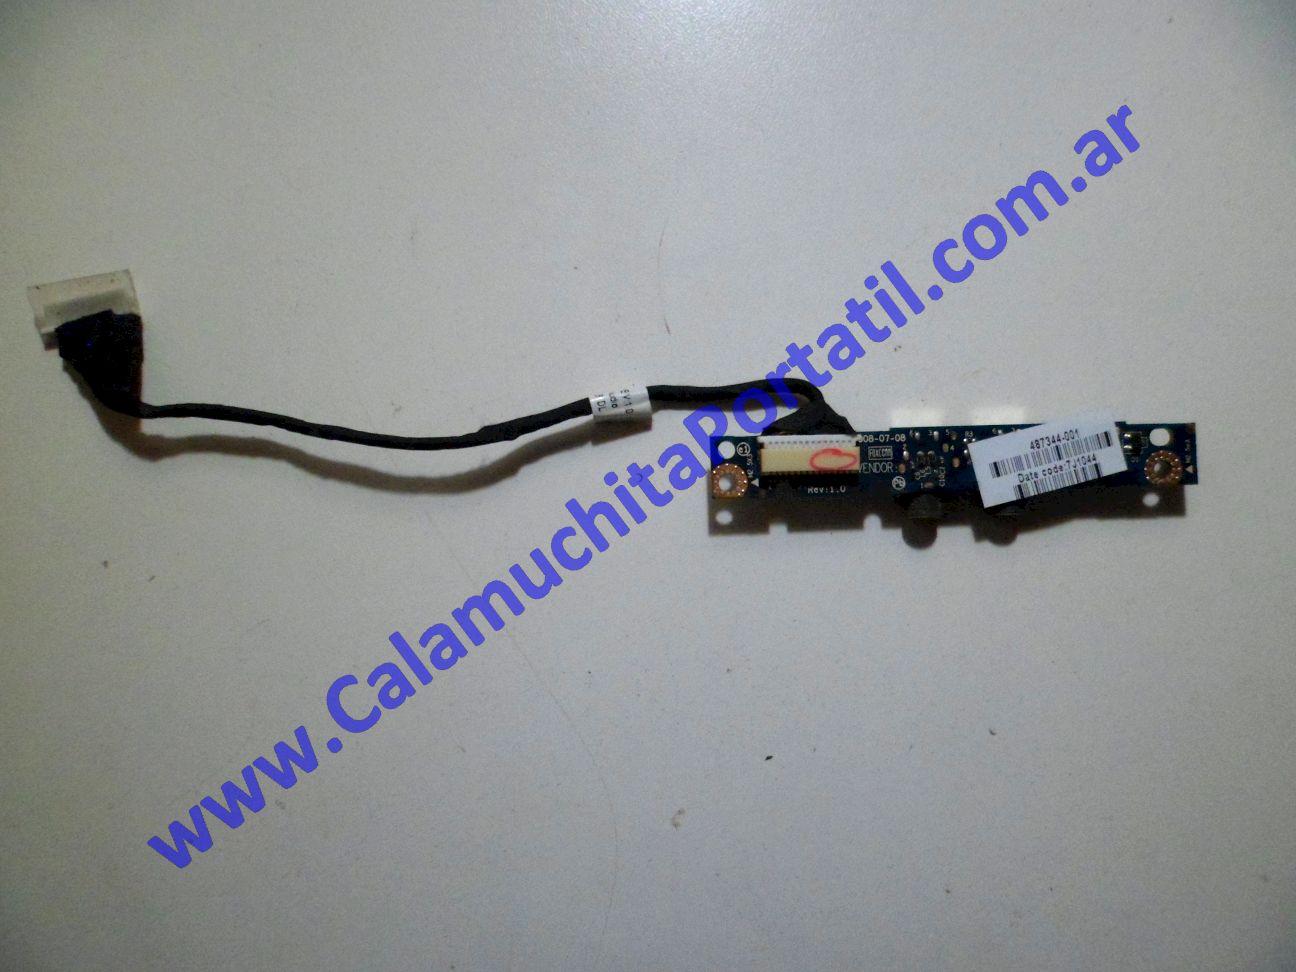 0094PSO Placa Sonido Compaq Presario CQ40-630la / WD222LA#AC8